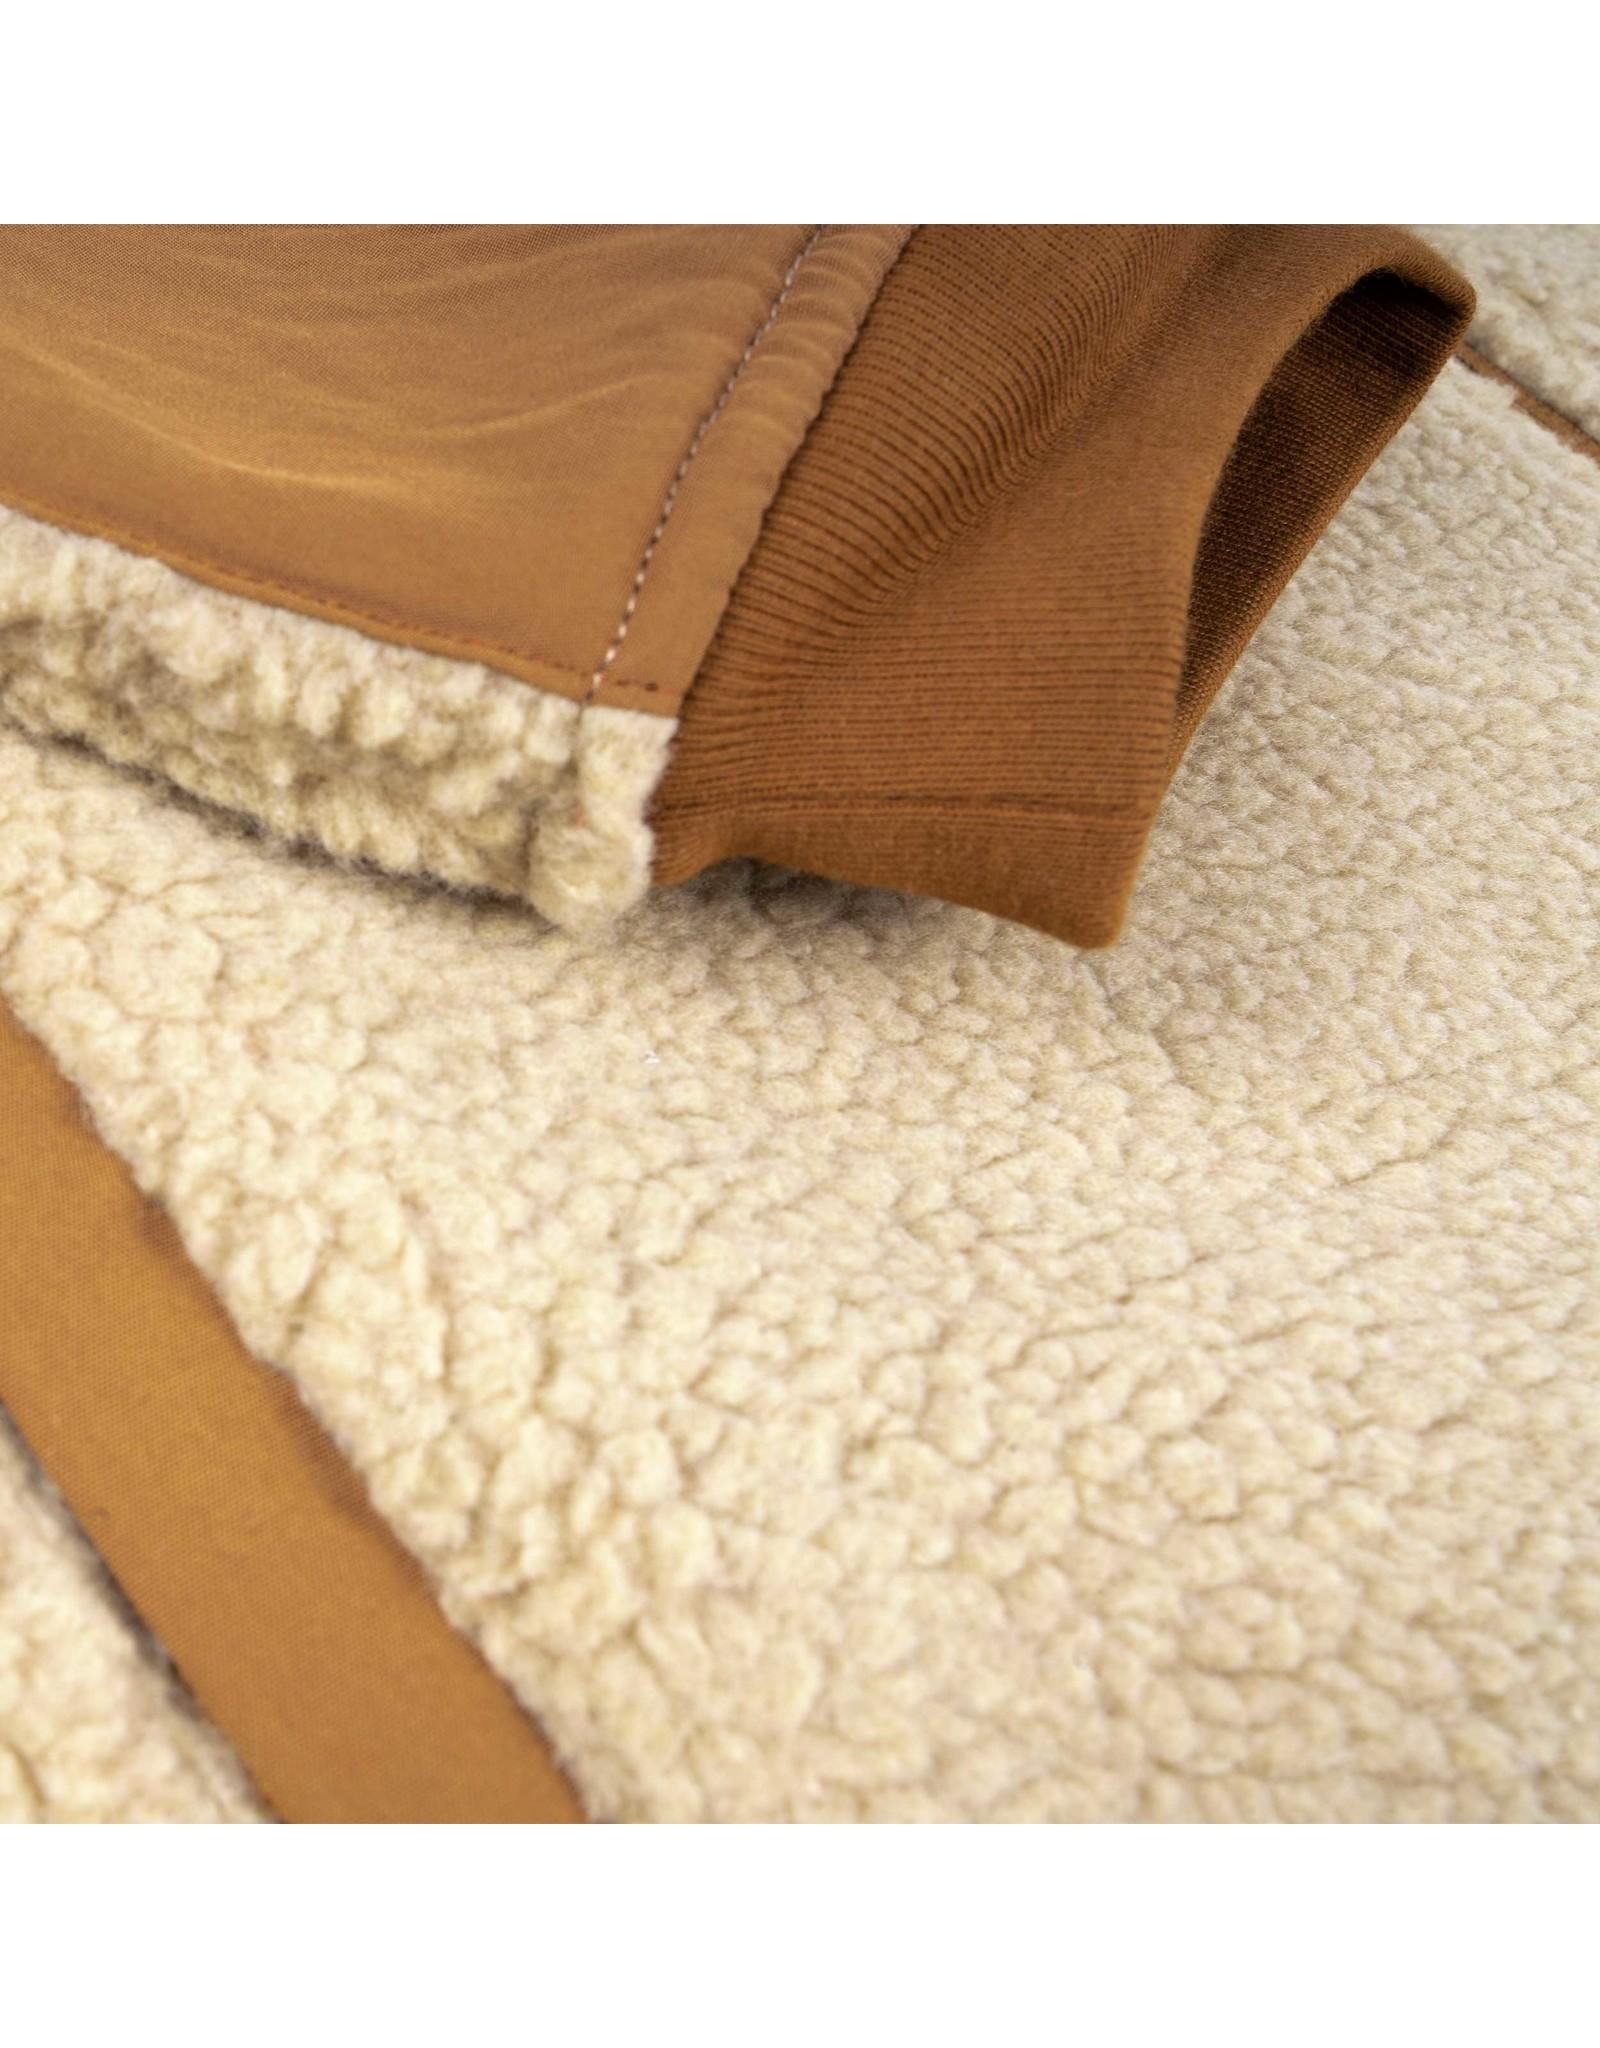 HOOKE Mistassini Sherpa Fleece